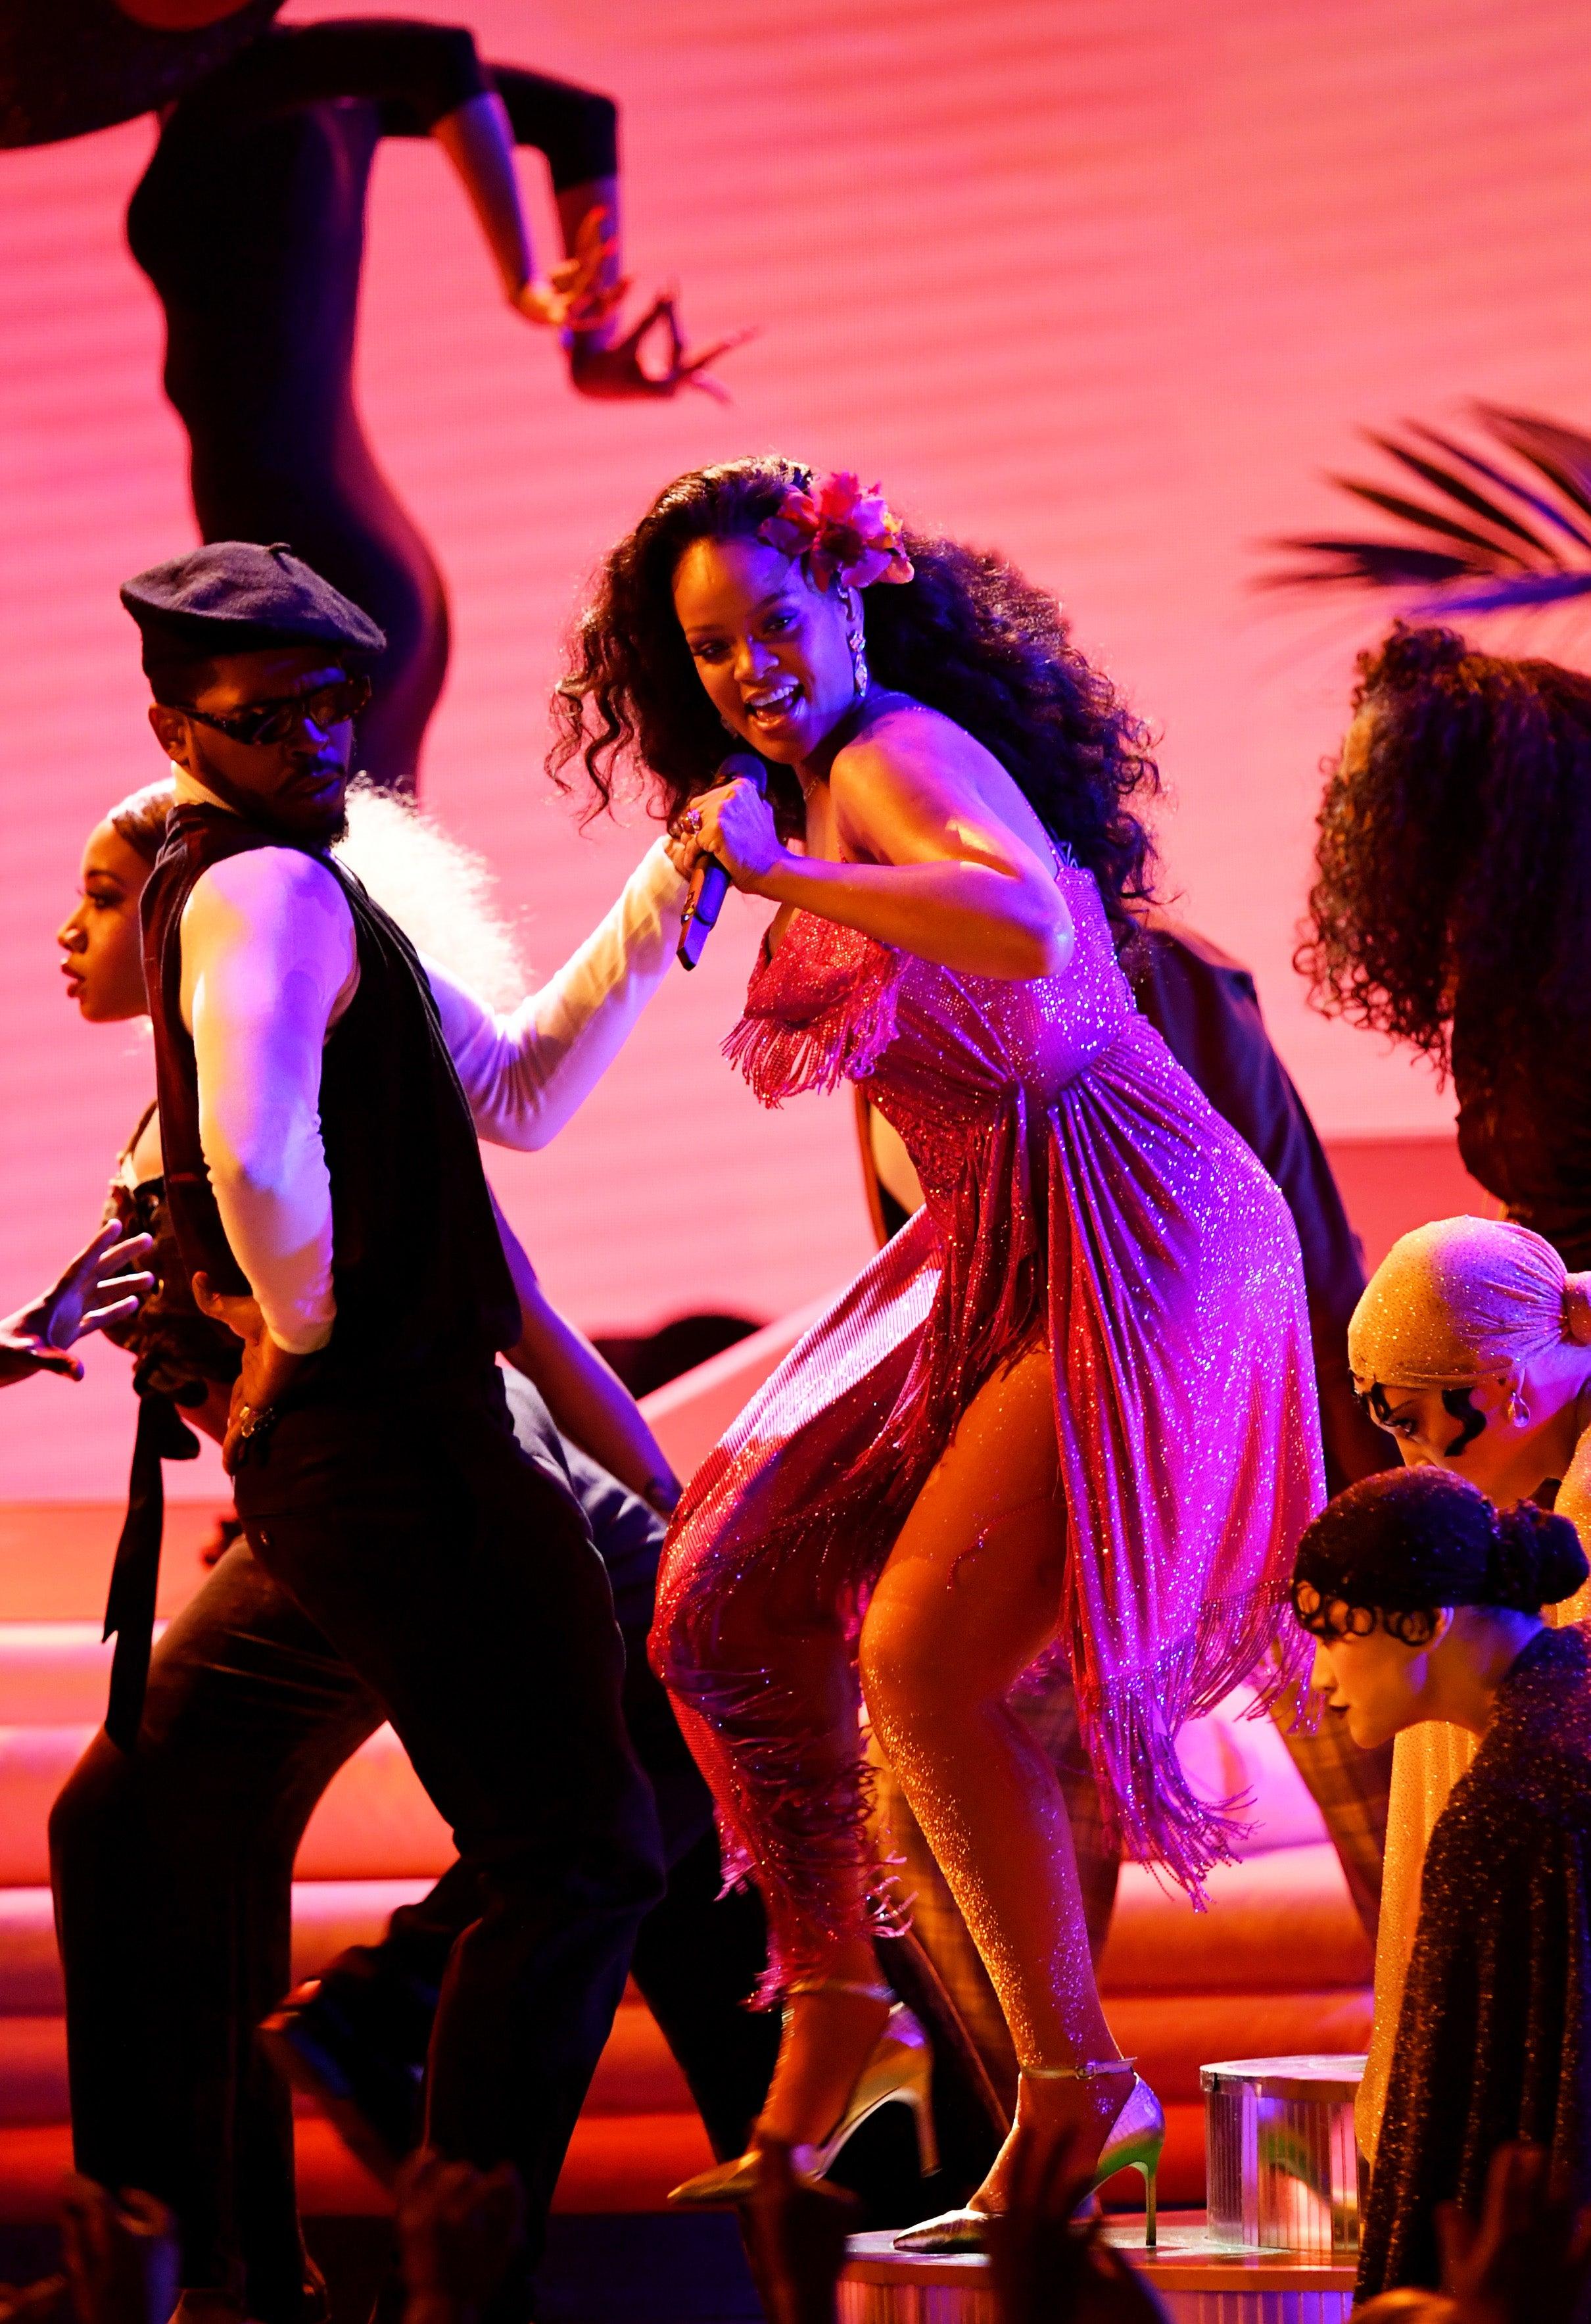 Aprende a bailar como Rihanna el \'Gwara Gwara\', el baile africano ...